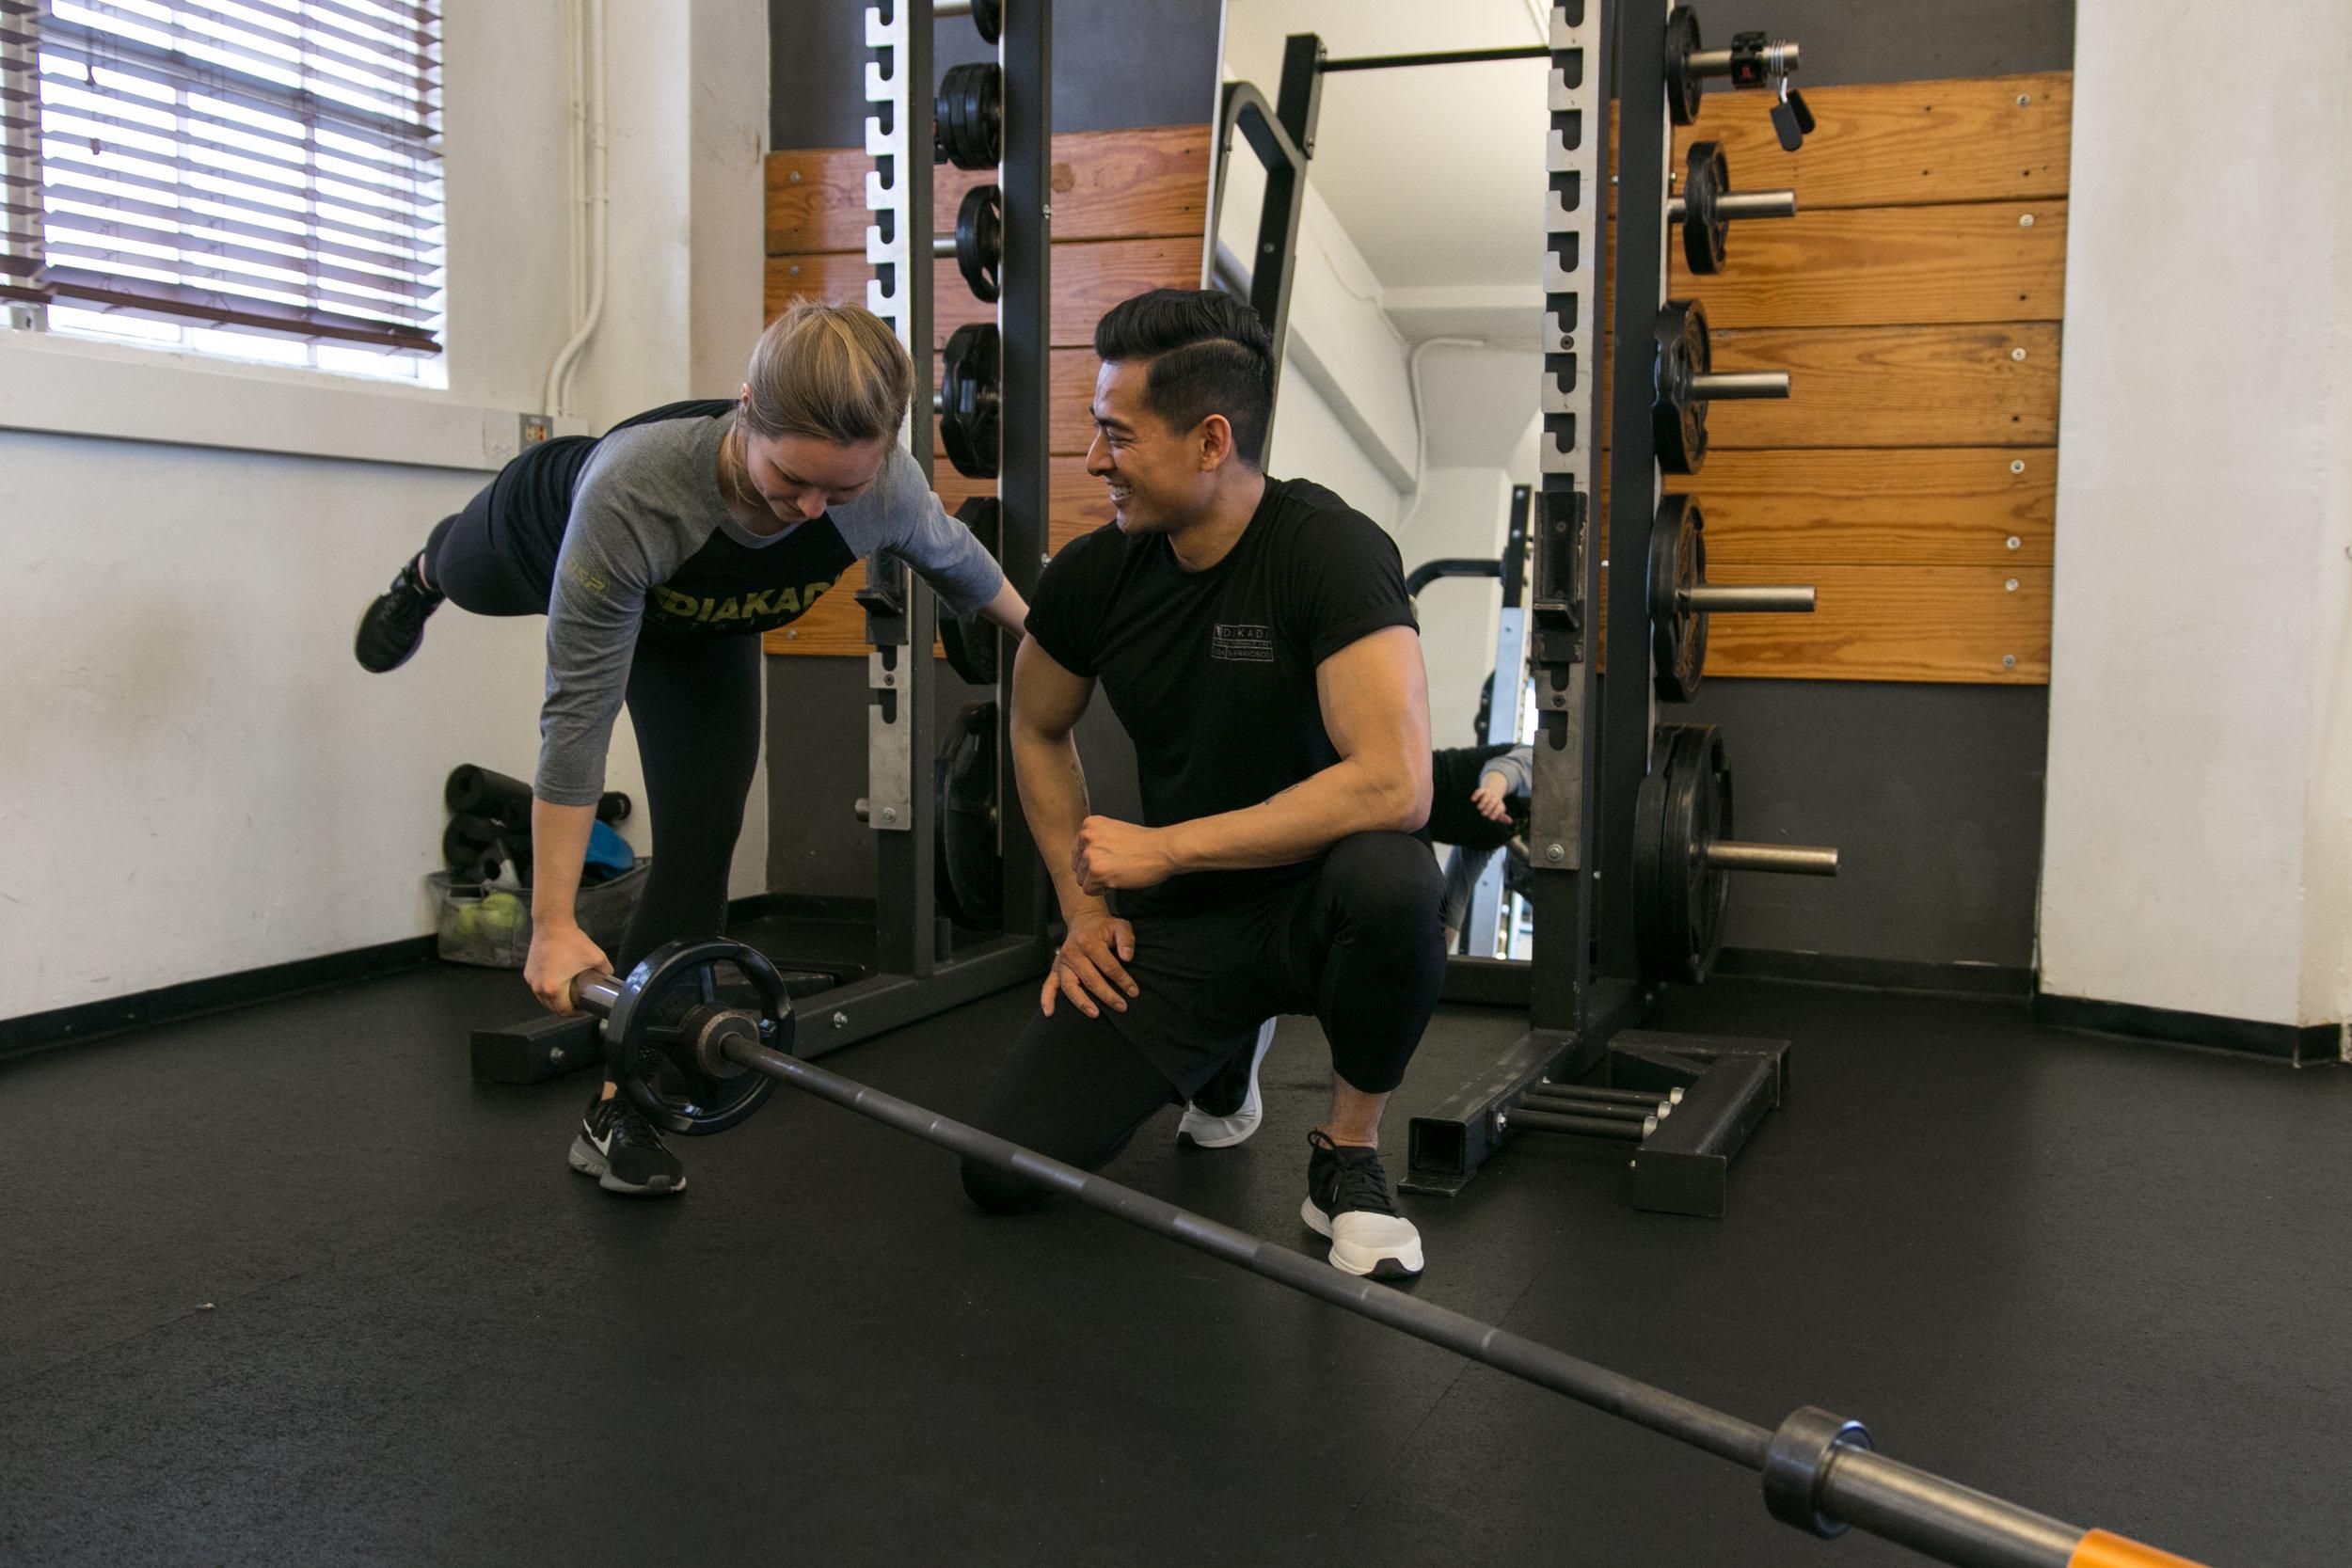 Joseph Ilustrisimo DIAKADI personal training gym.jpg